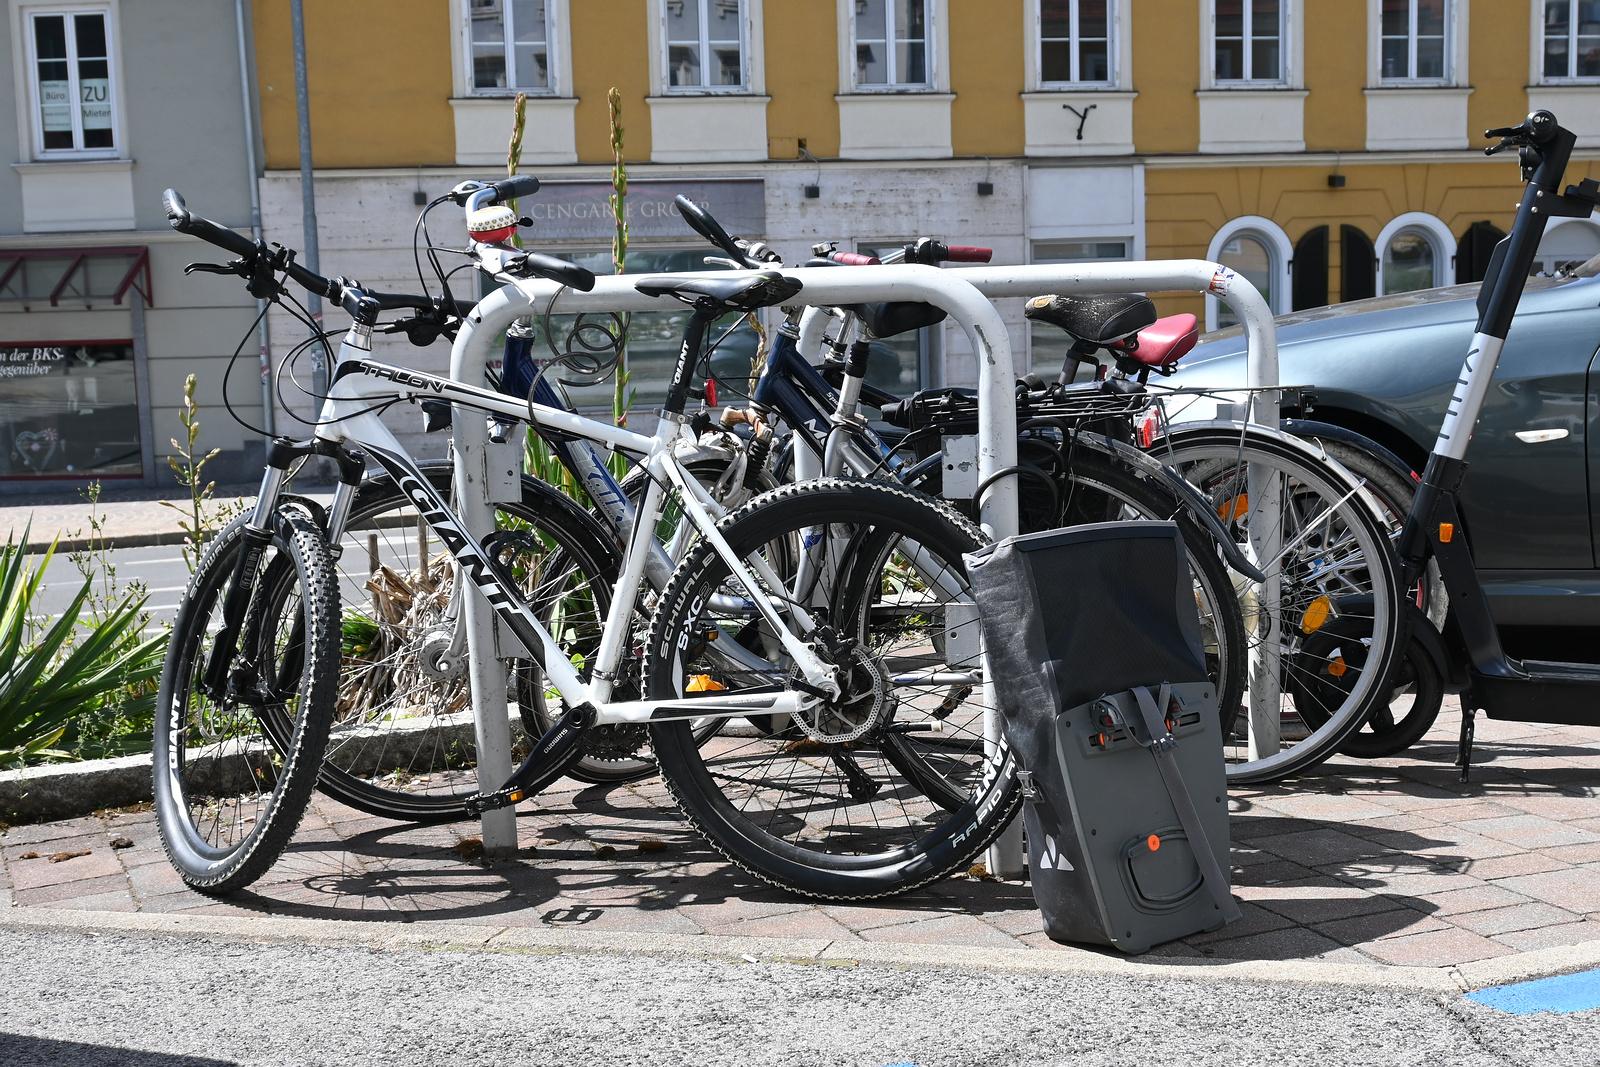 Überfüllter Fahrradständer